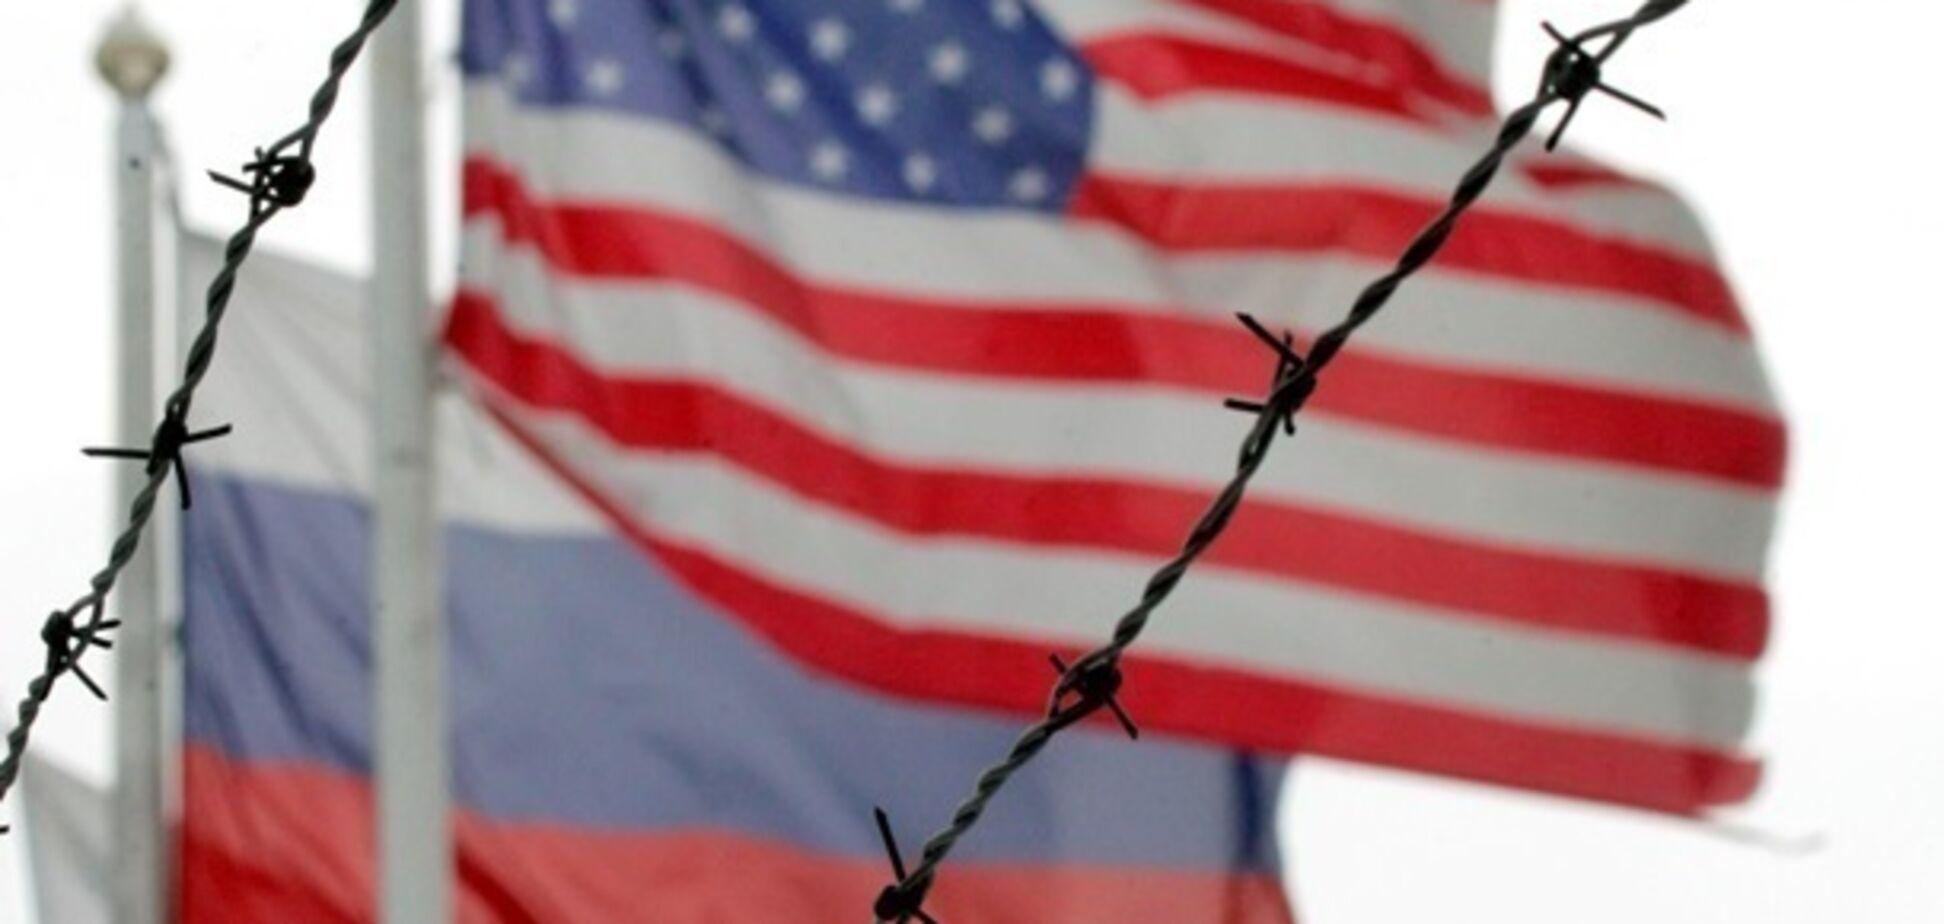 США виставили Росії жорсткий ультиматум: стало відомо про крайні заходи